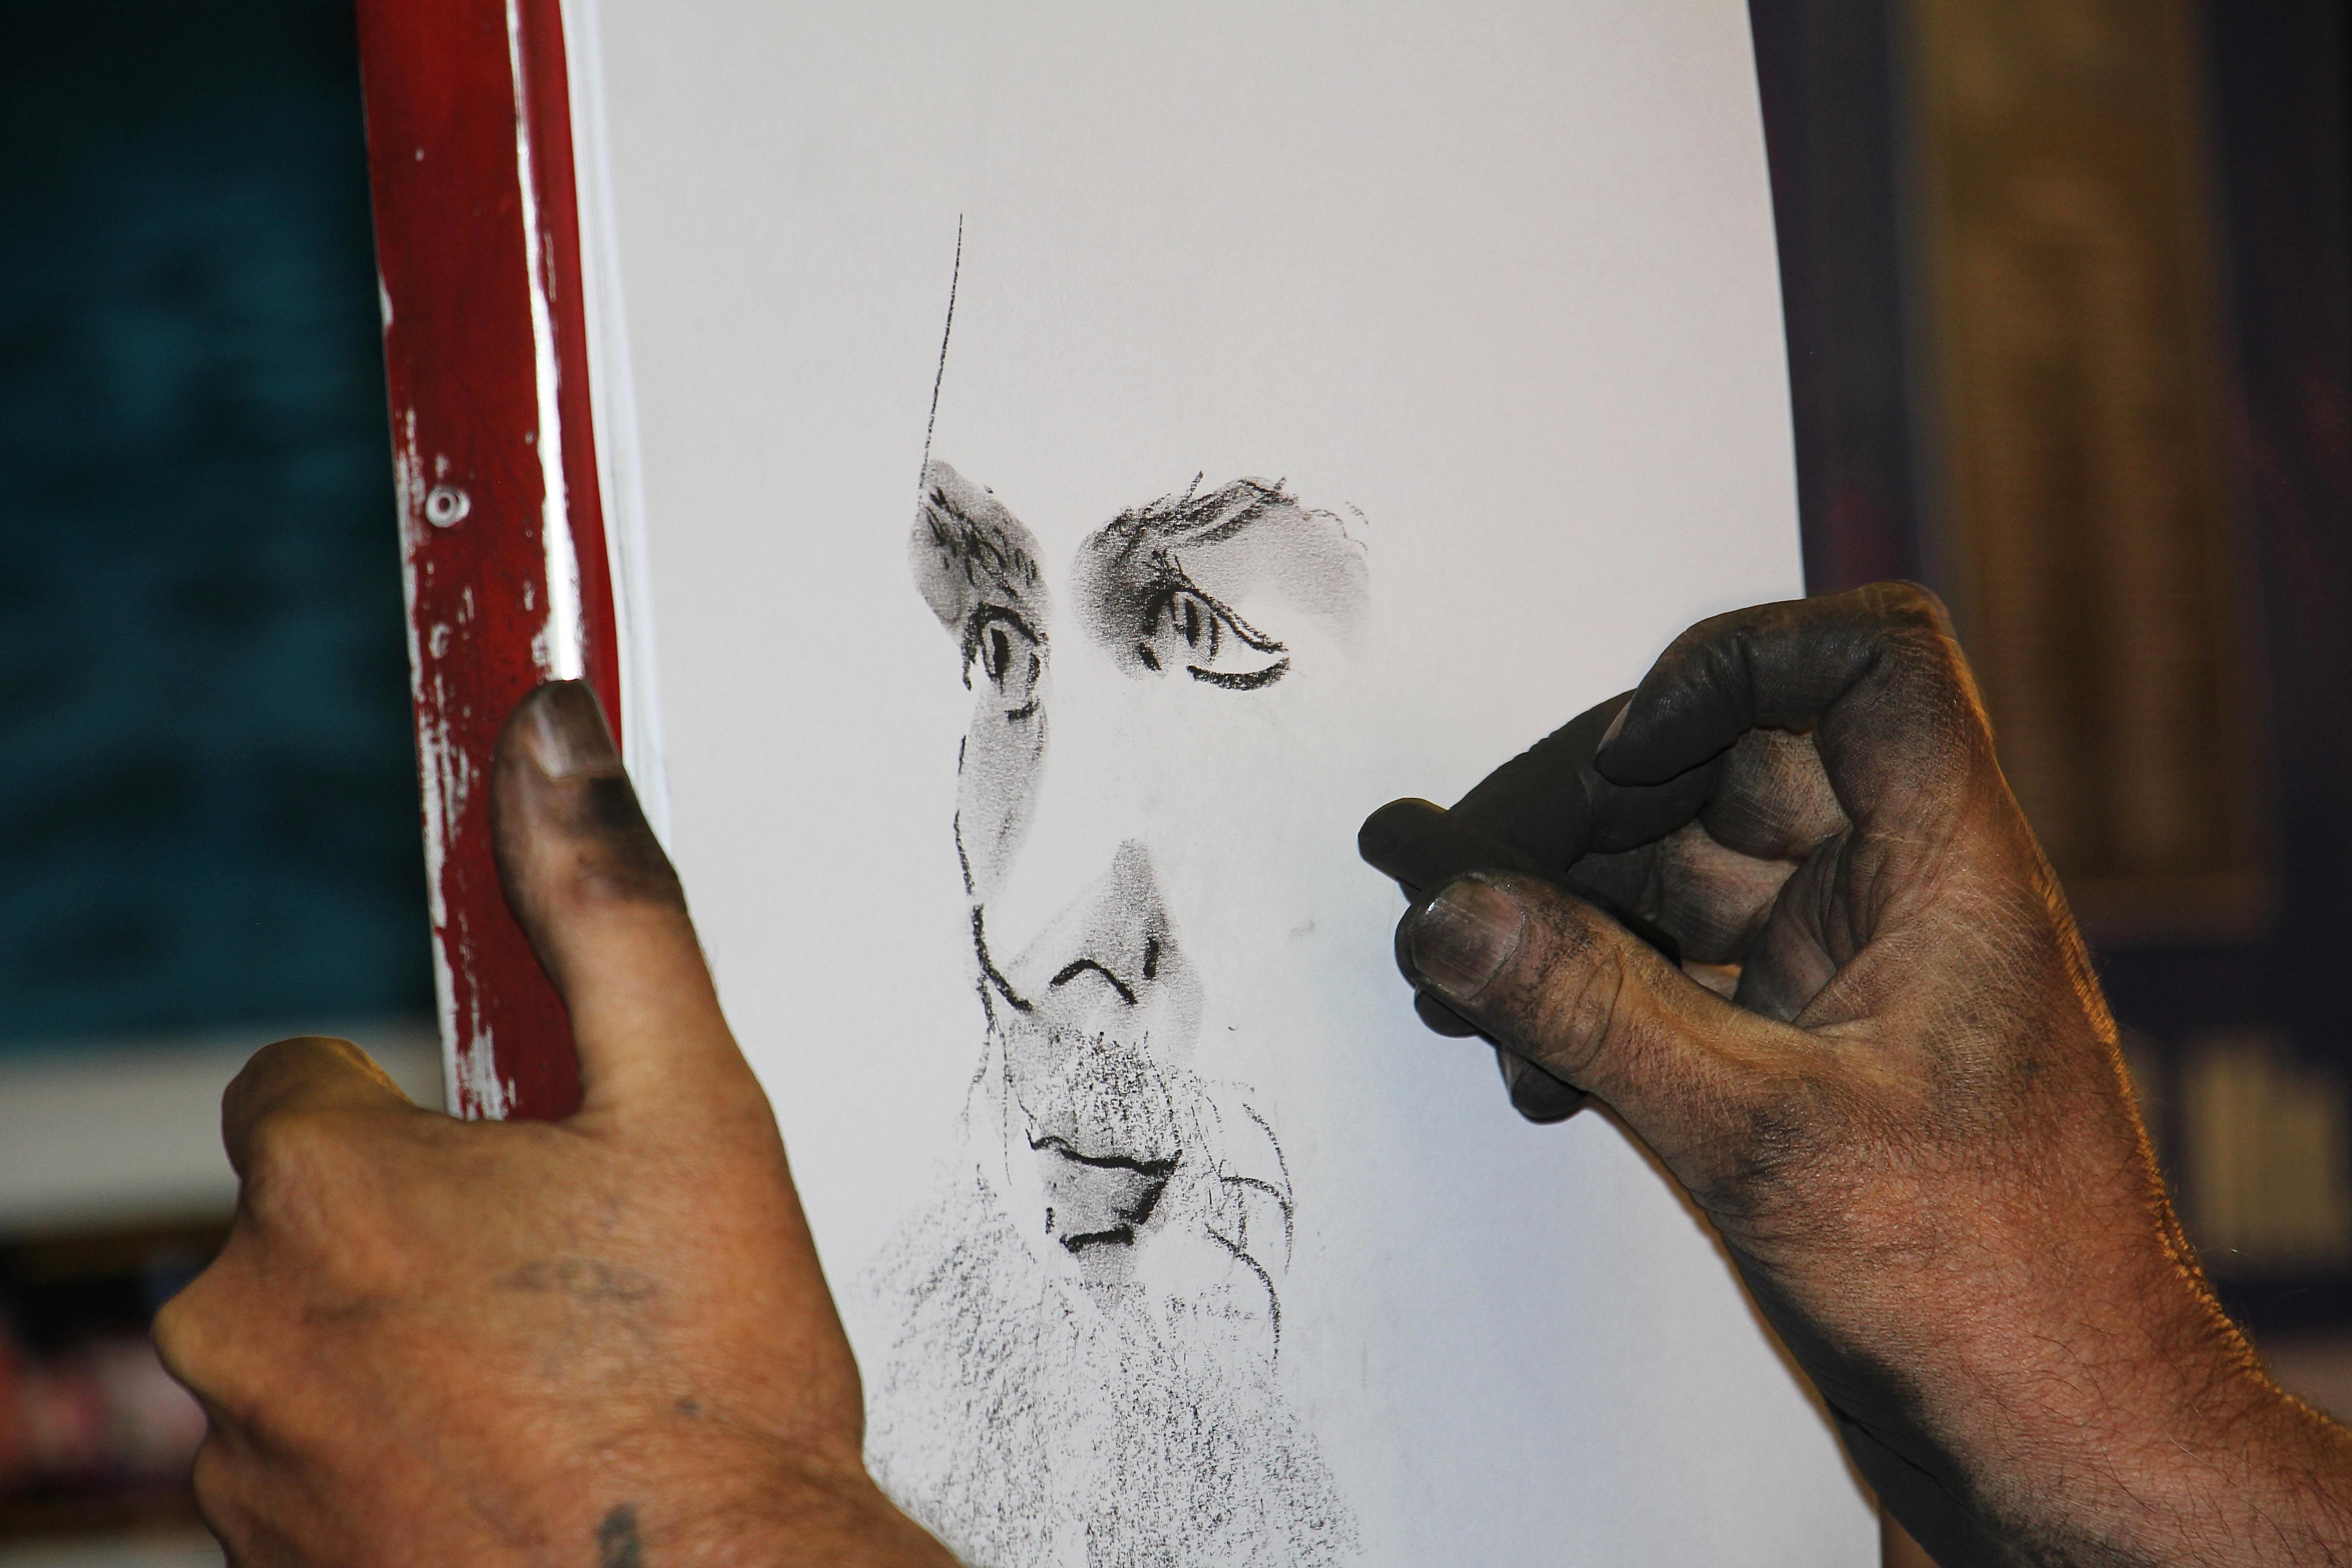 Gambar Tangan Manusia Orang Profil Pria Malam Potret